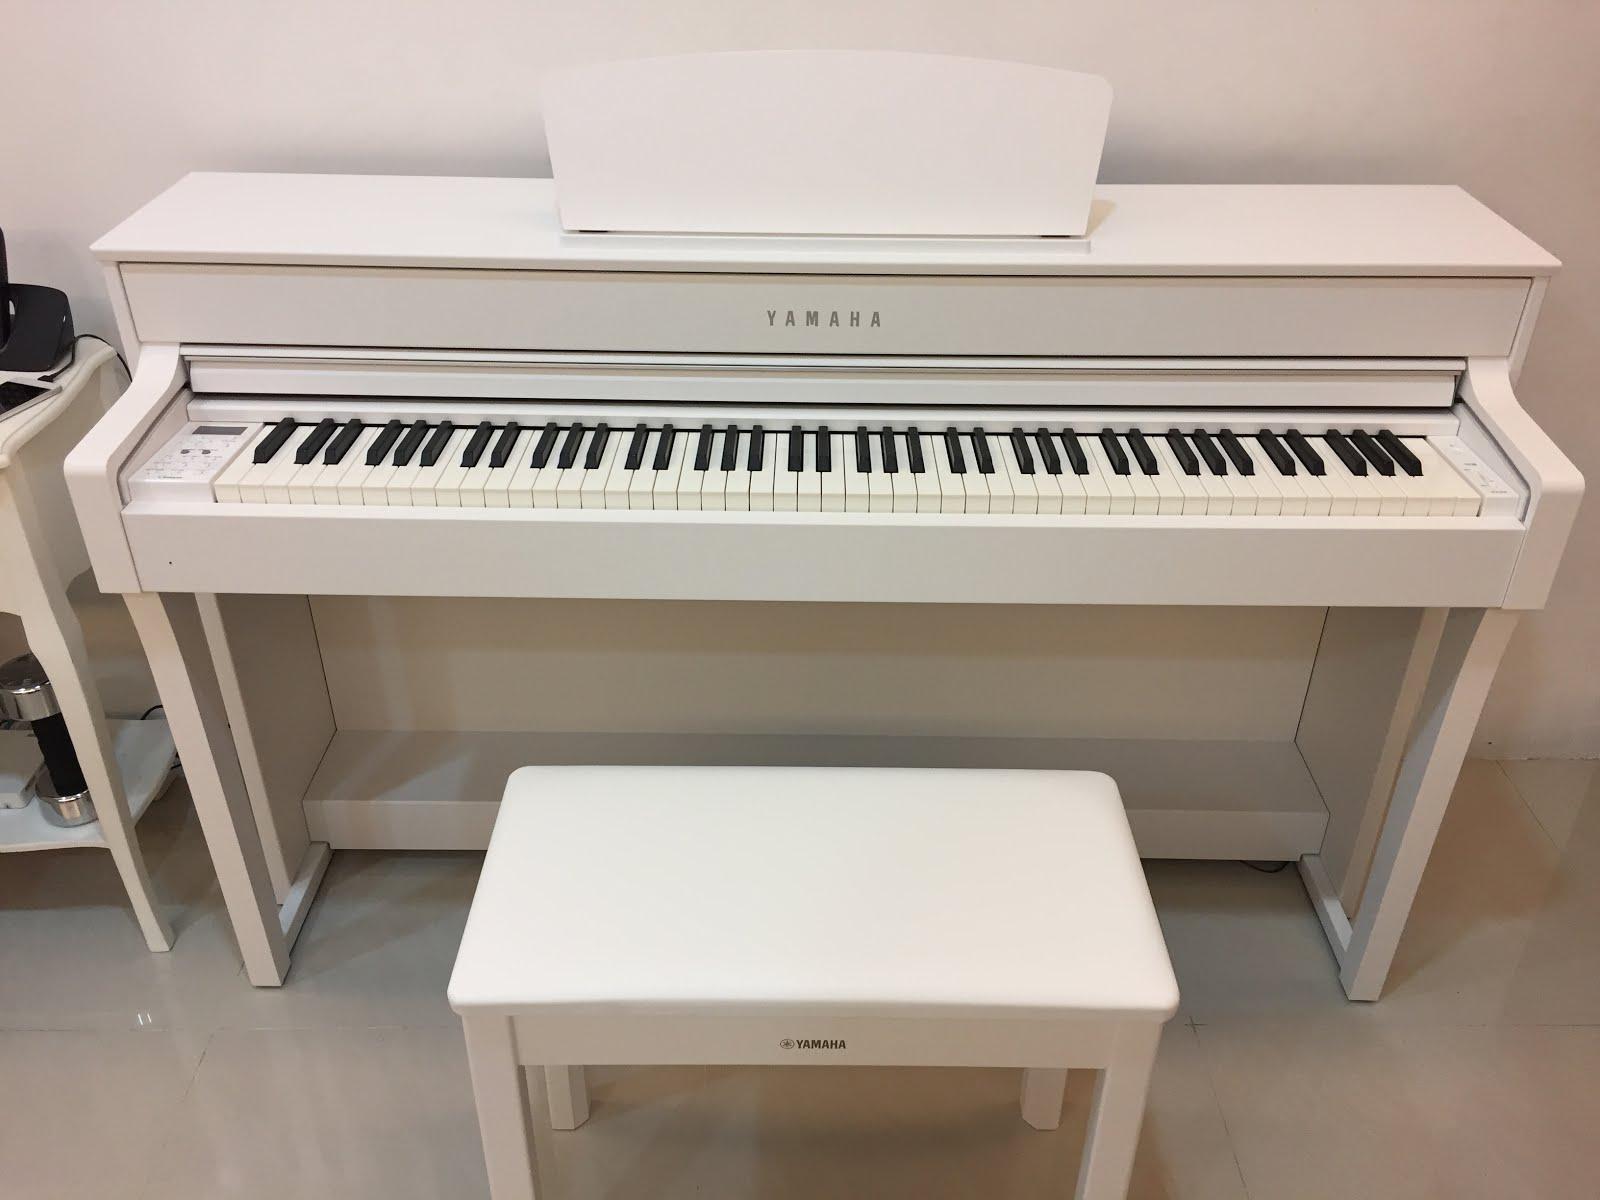 YAMAHA CLP635 電鋼琴 價格 介紹 推薦 差異 |【繆思樂器】KAWAI YAMAHA 河合山葉 鋼琴/電鋼琴專賣店 03-4575899